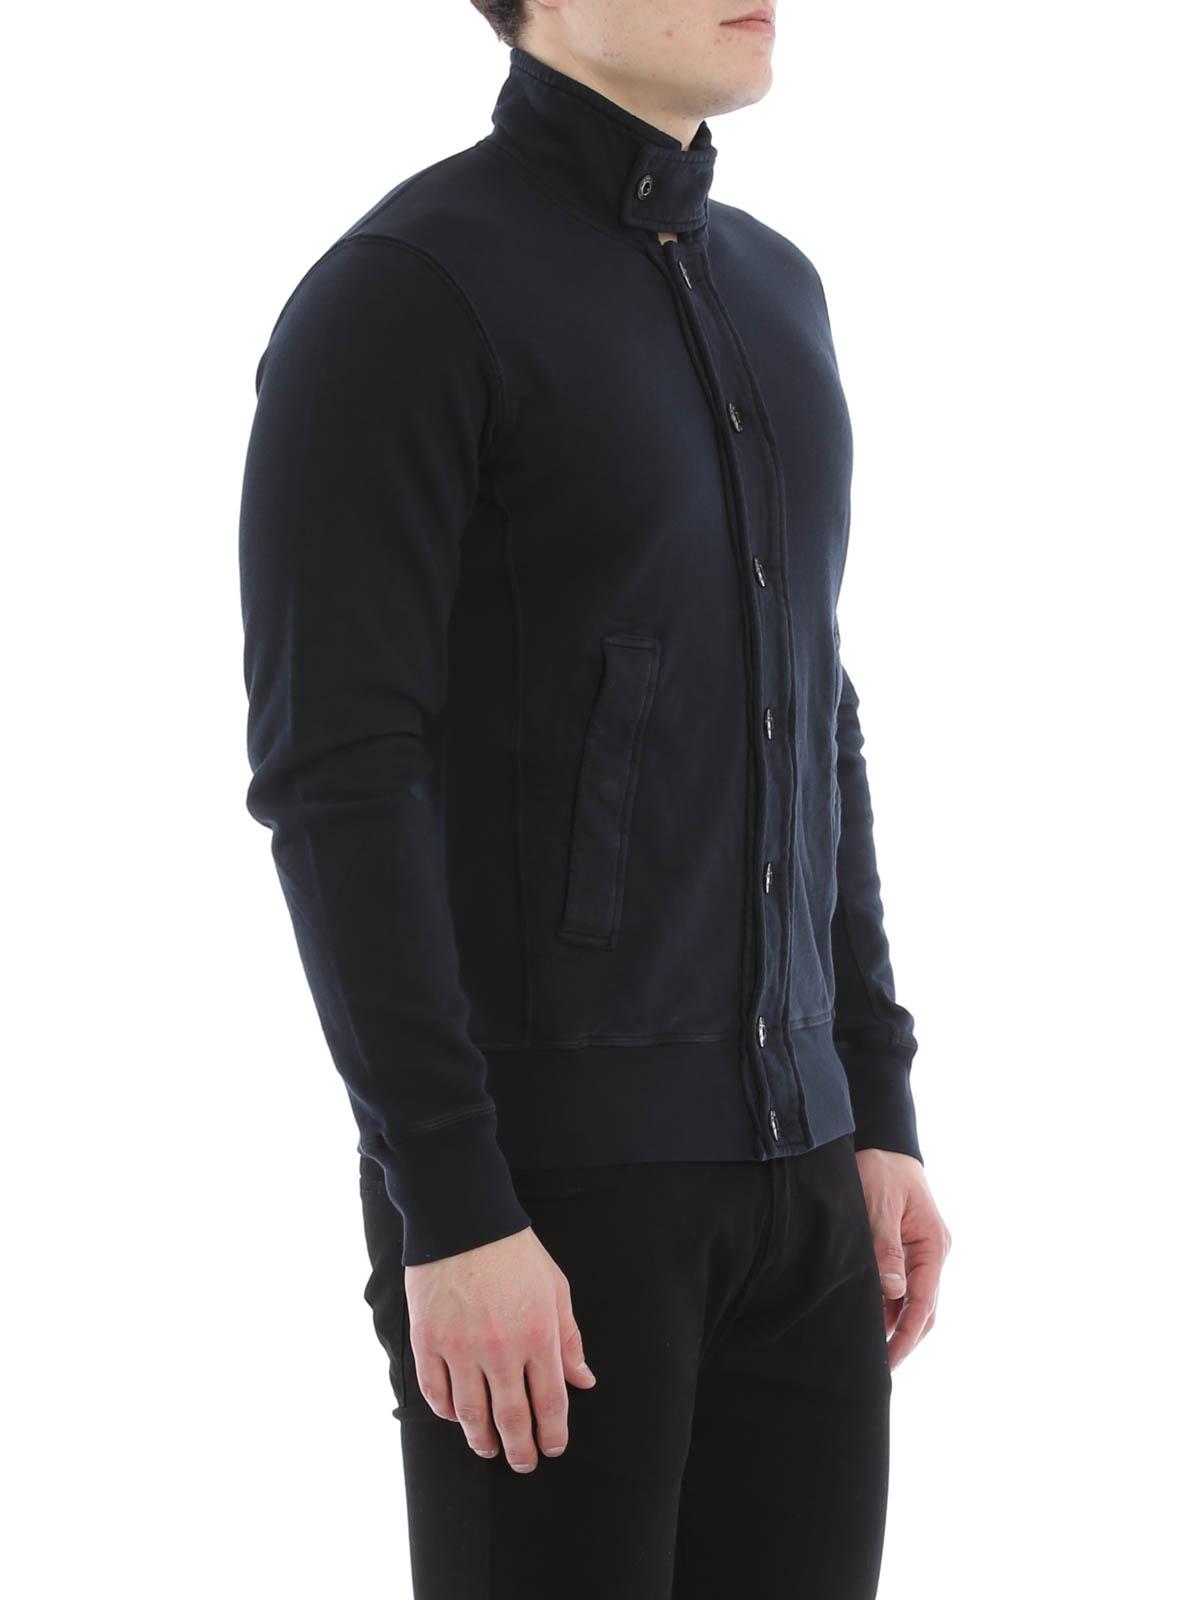 Cotton fleece blazer by Stone Island - casual jackets - iKRIX